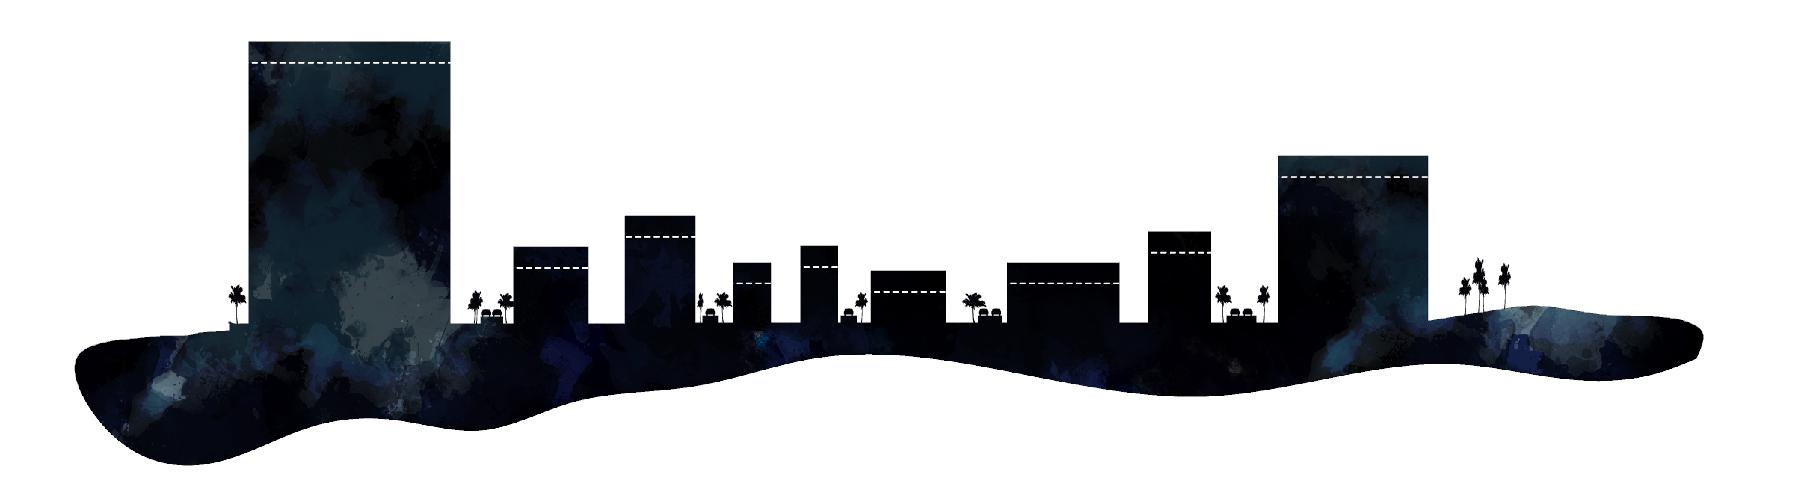 miami-concept-4.jpg